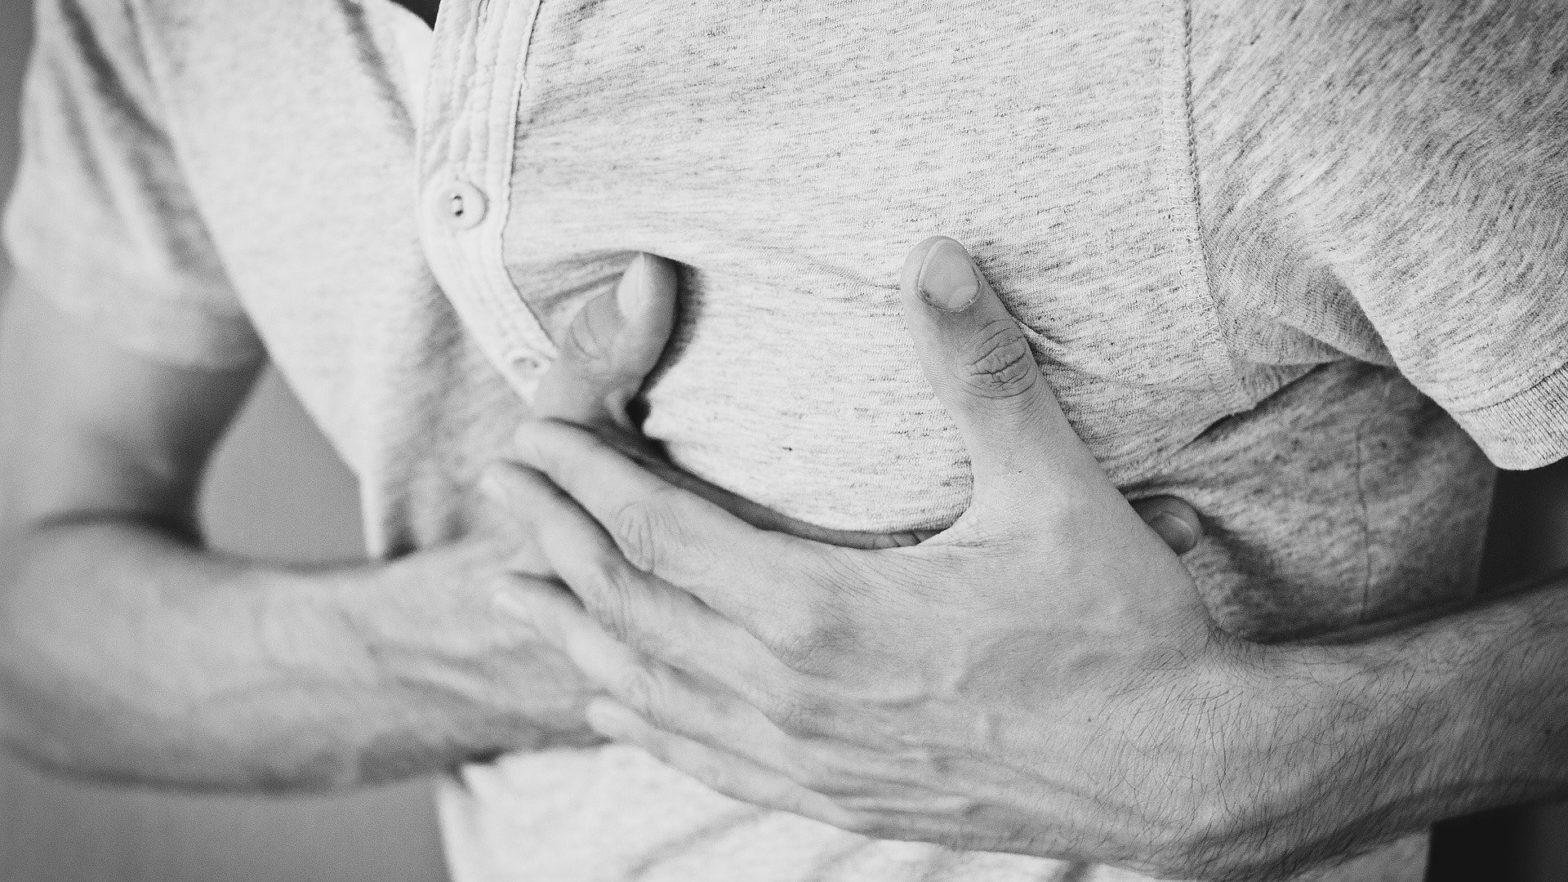 Homem com dor no peito devido a um infarto.